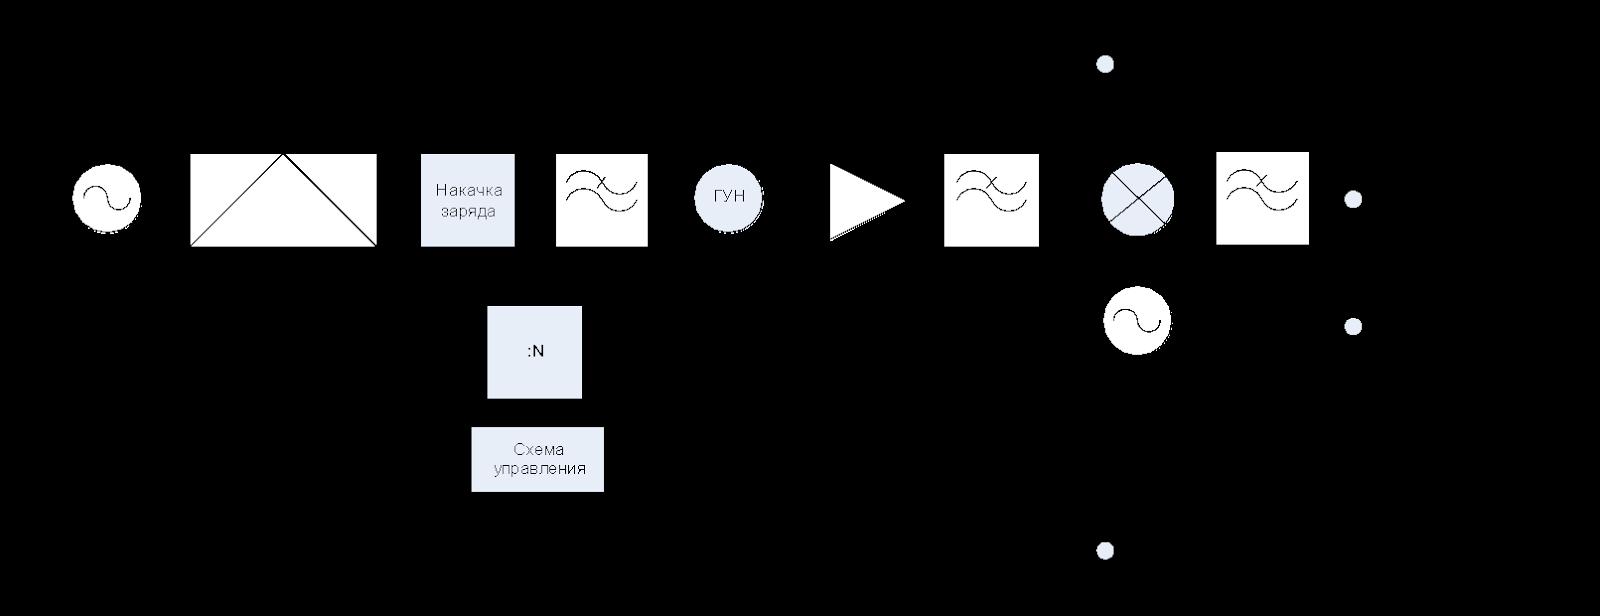 Рис. 3 – Функциональная схема разработанного передатчика